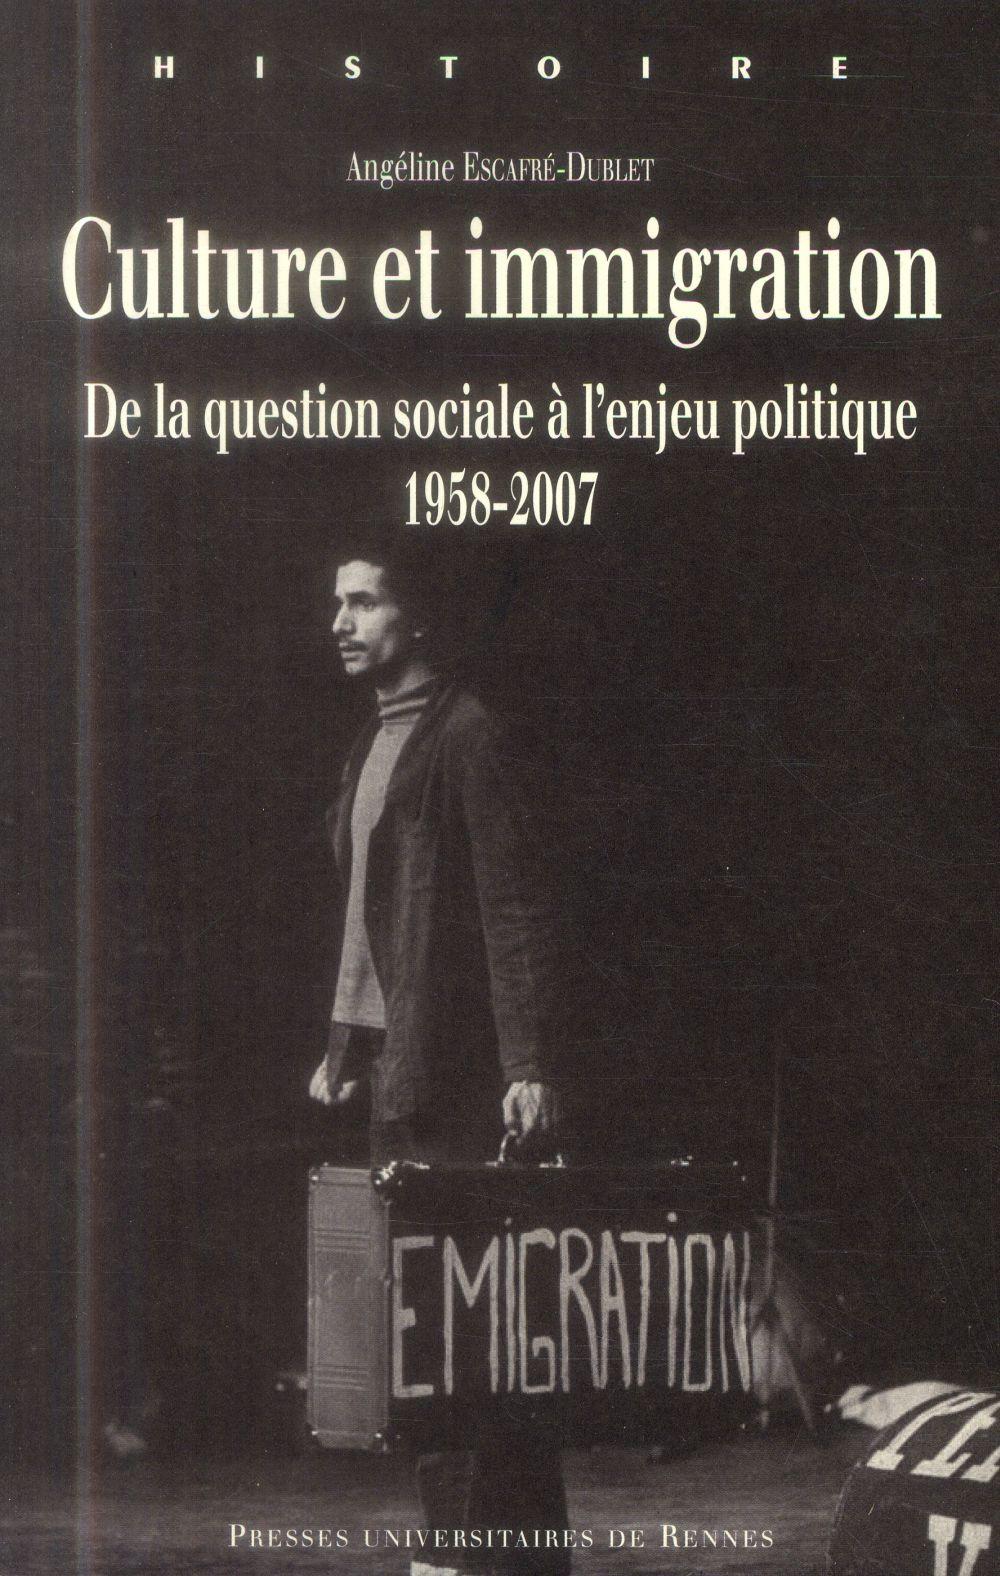 Culture et immigration ; de la question sociale à l'enjeu politique, 1958-2007